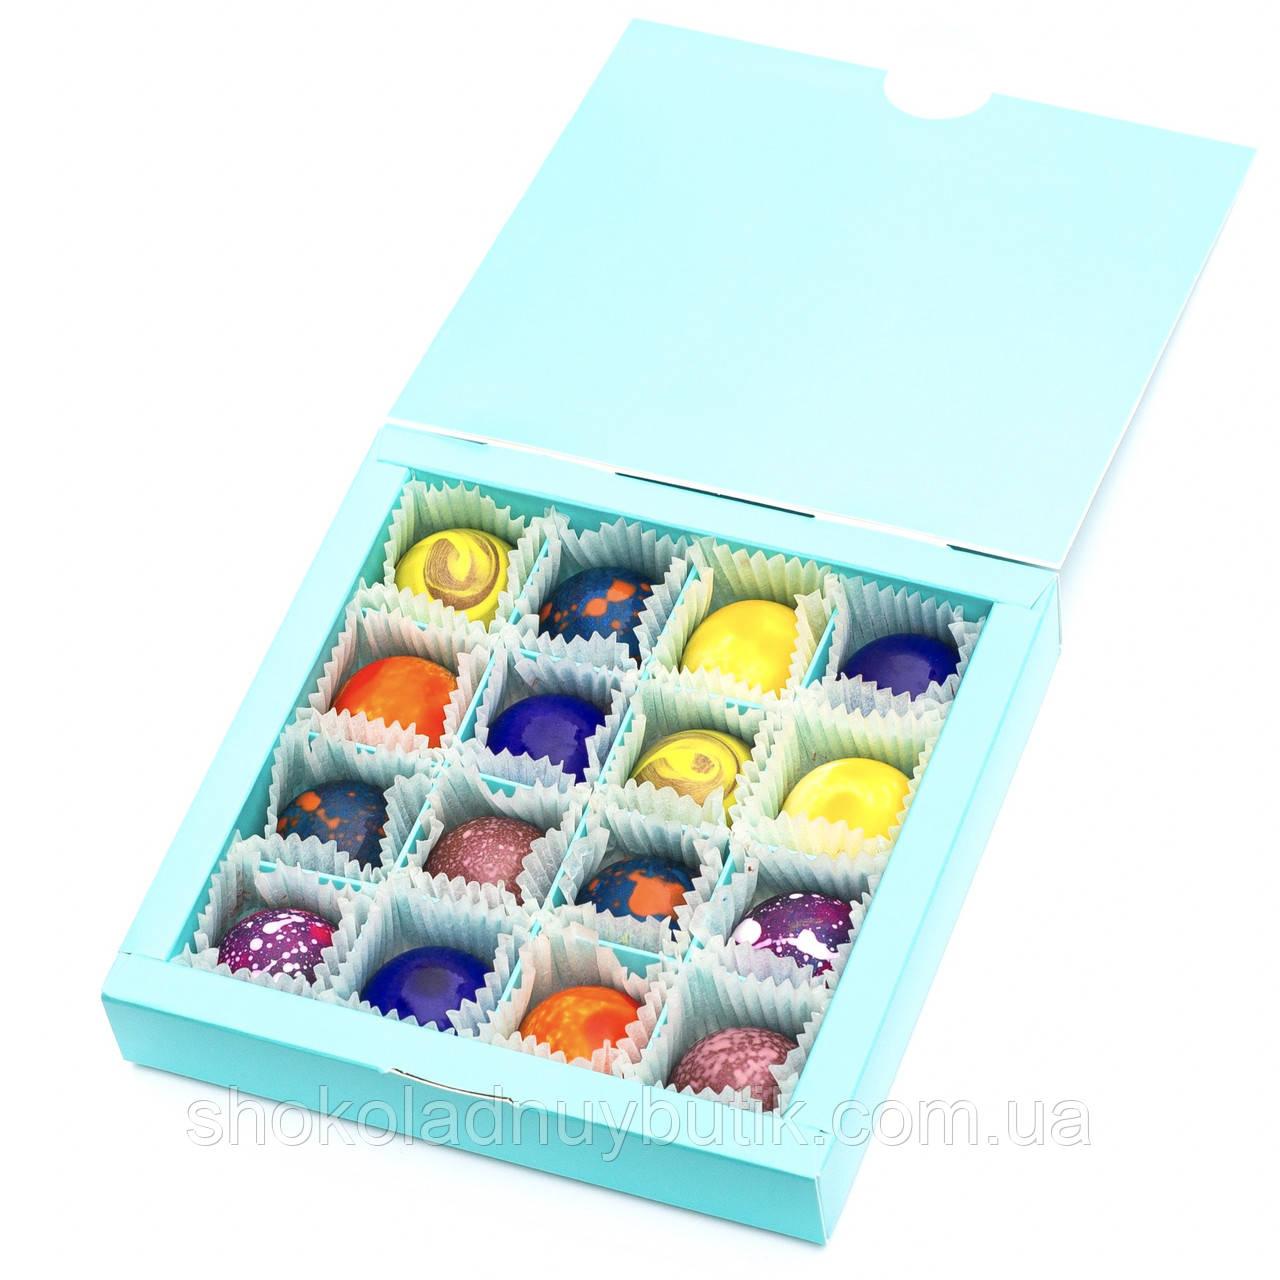 Шоколадные конфеты ручной работы *Бирюзовая коробк на 16шт.*